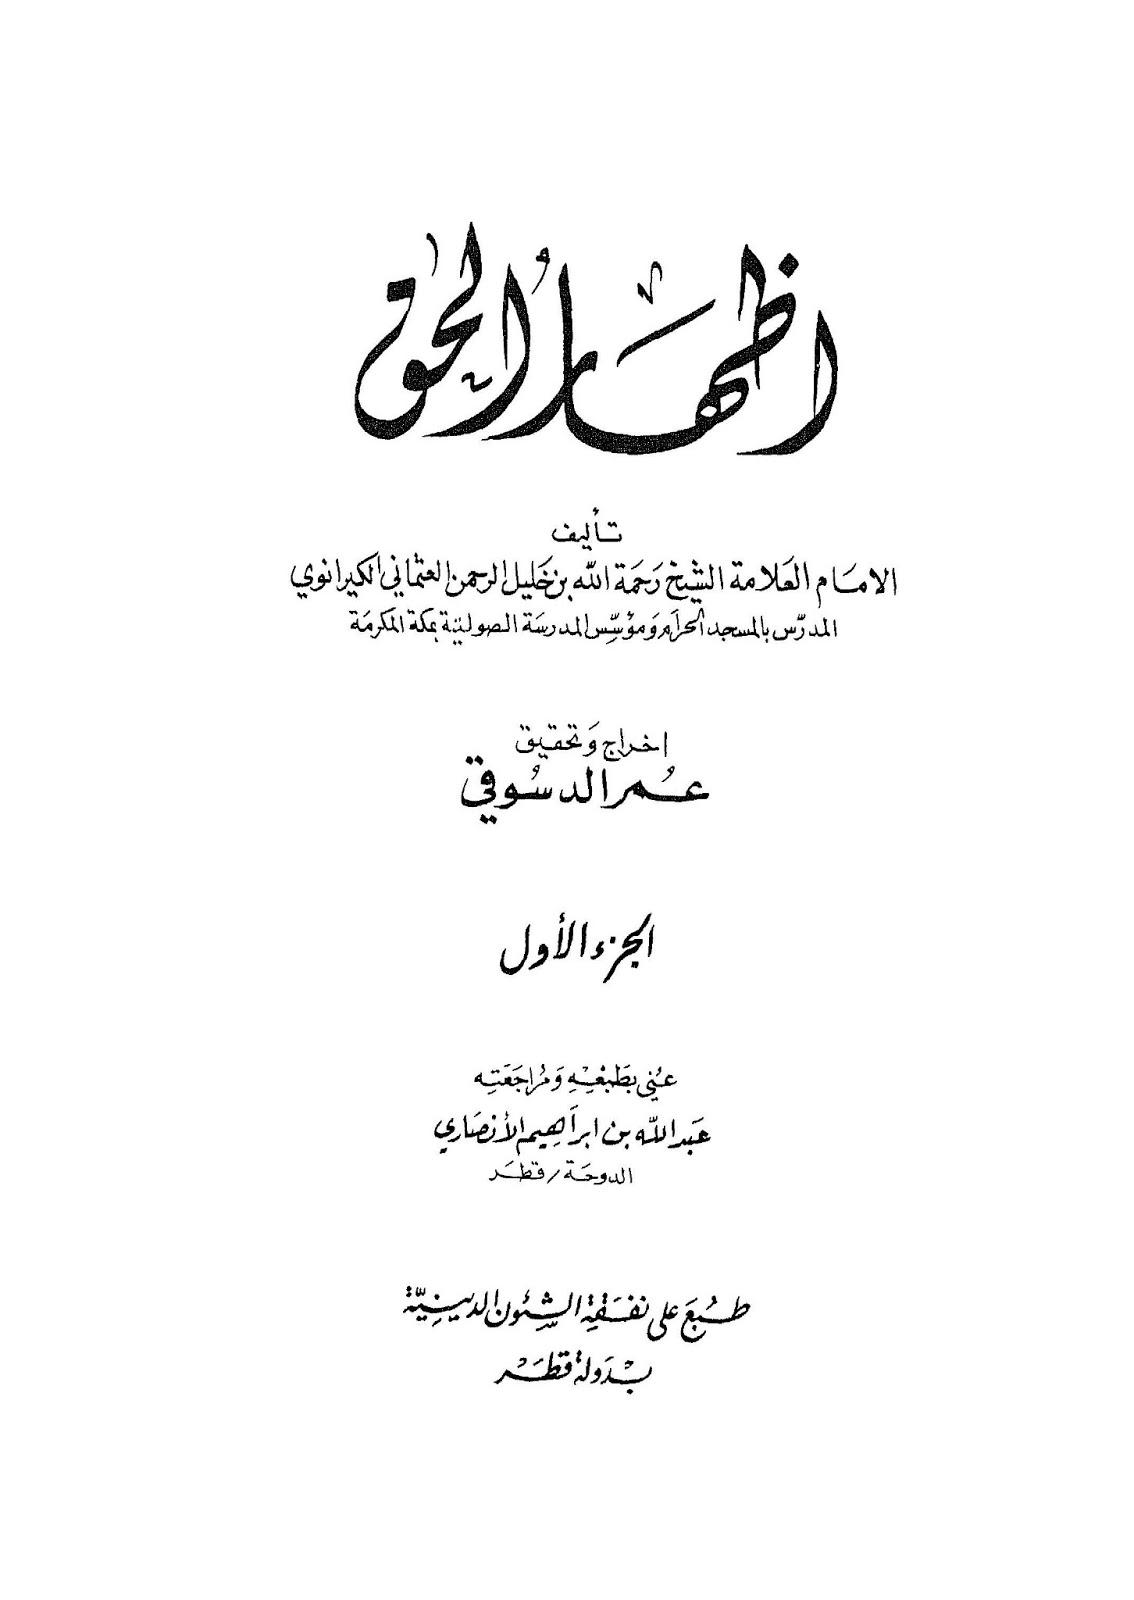 إظهار الحق للعلامة رحمة الله الهندي - طبعة قطر pdf